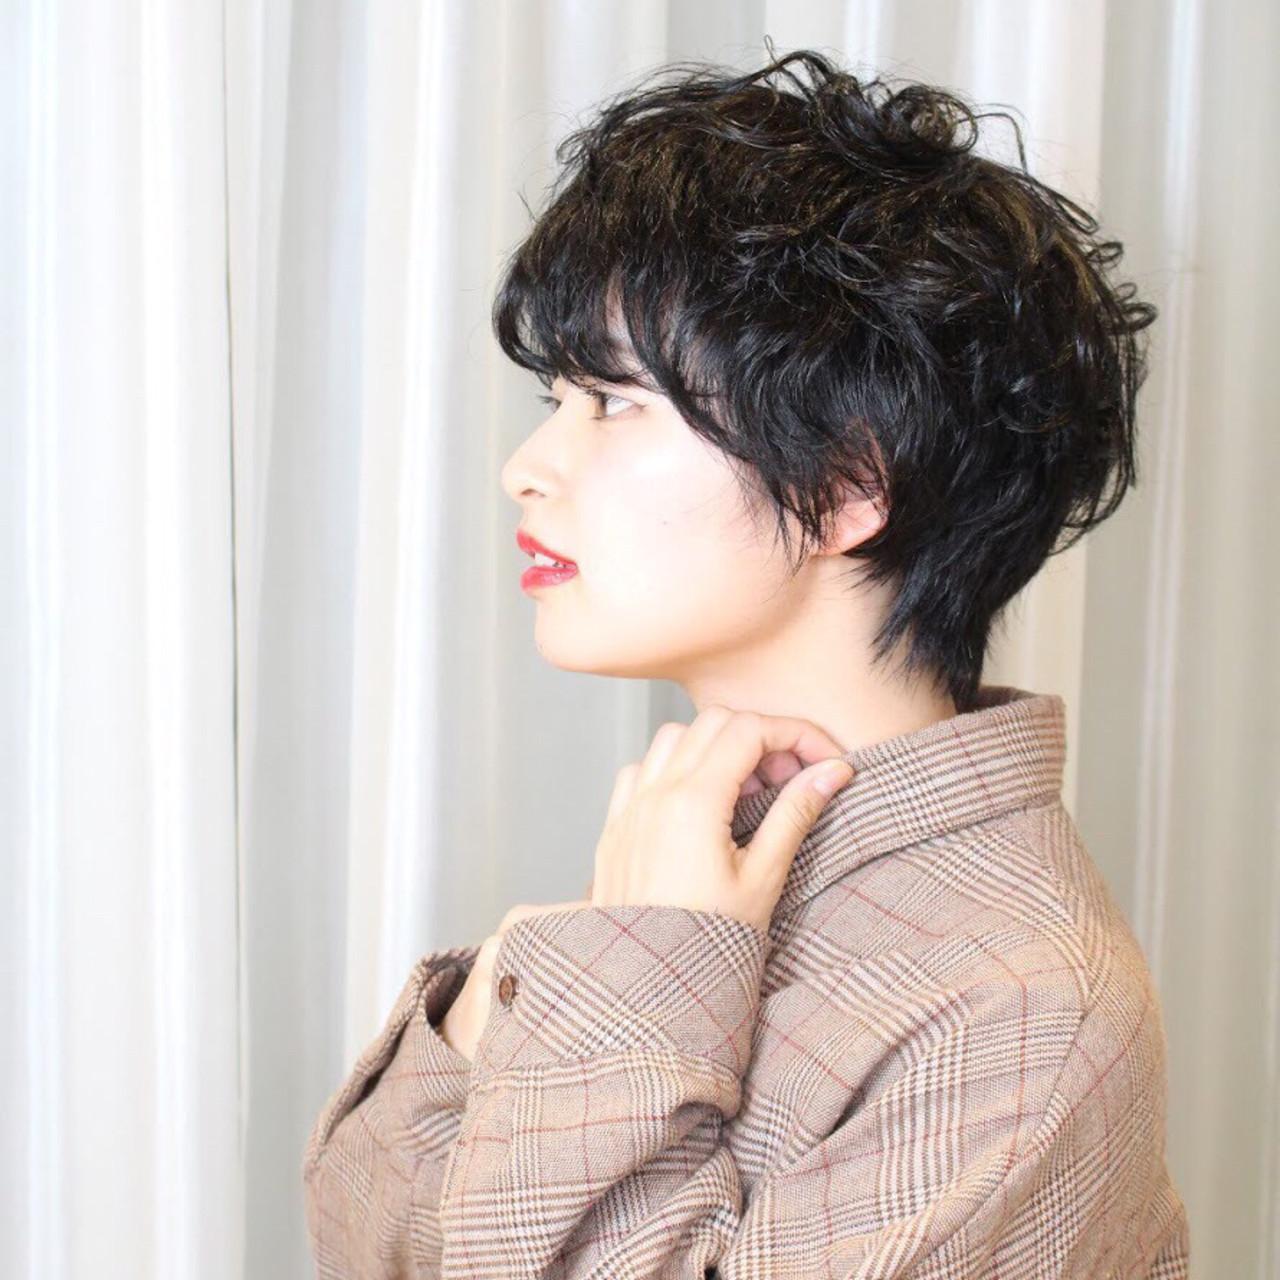 パーマ ナチュラル ウルフカット ショート ヘアスタイルや髪型の写真・画像 | Reina /